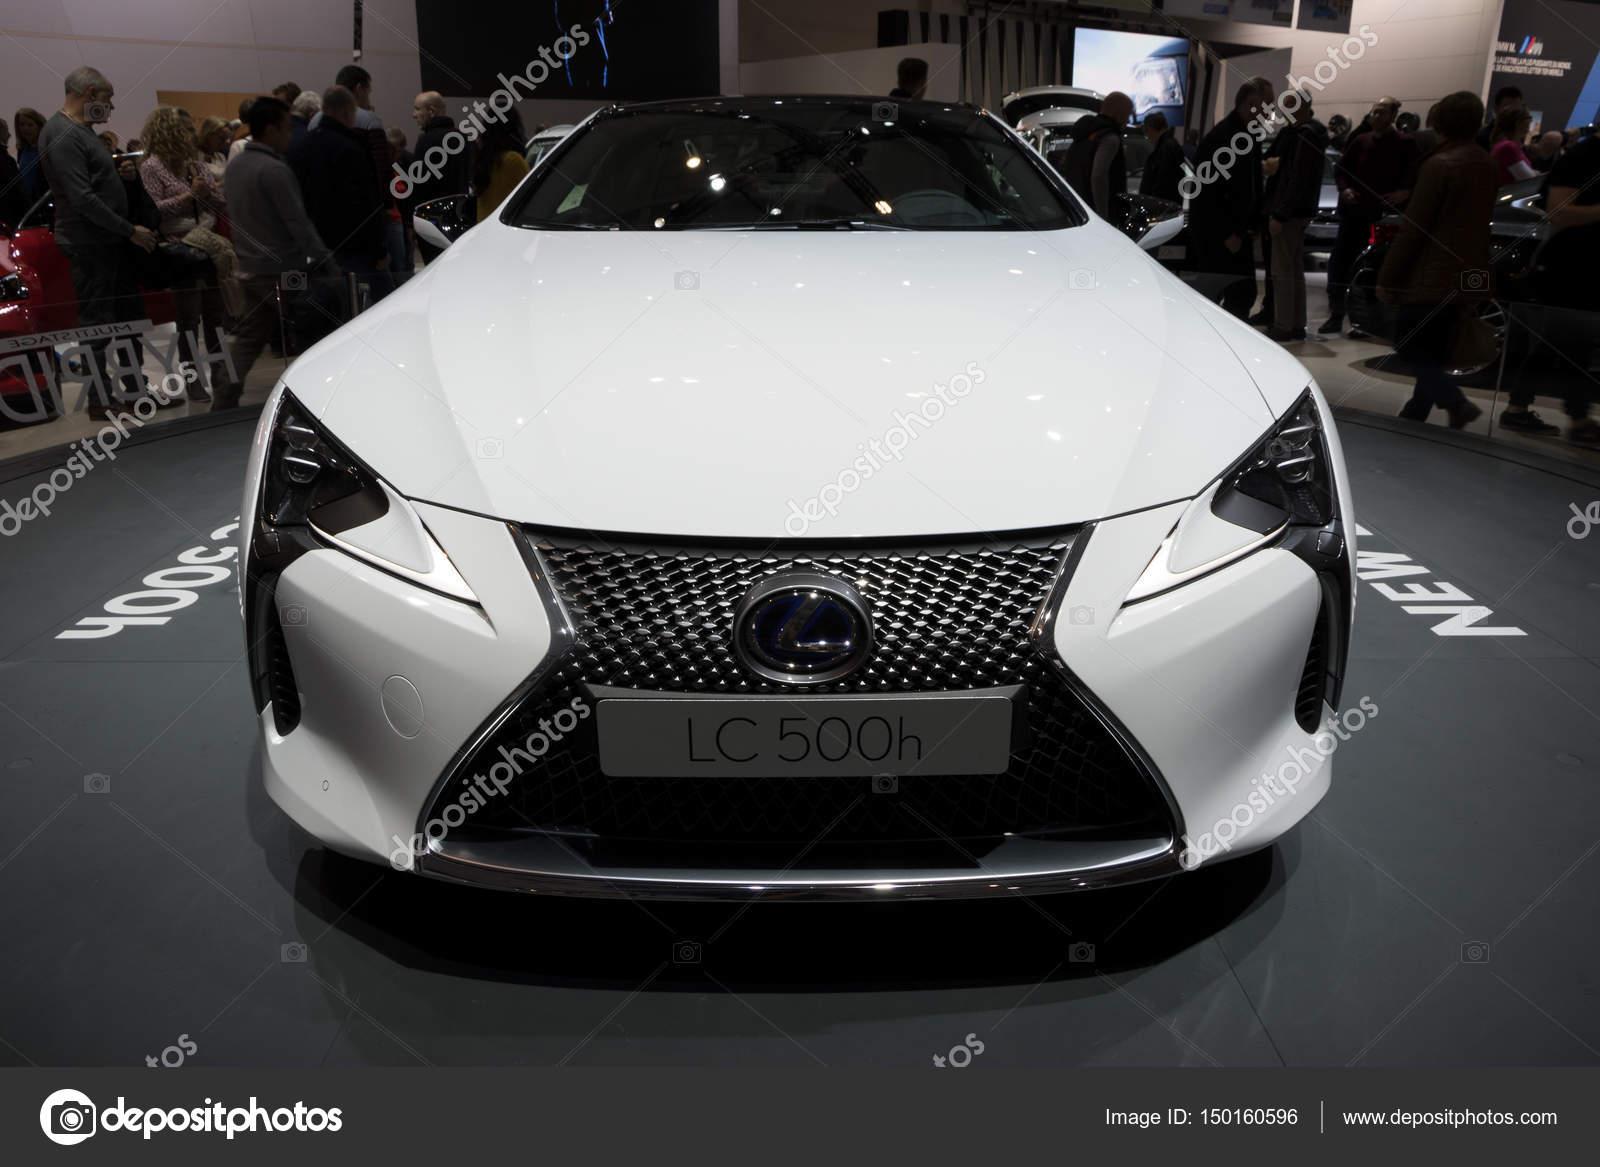 Lexus Lc500h Hybride Auto Redactionele Stockfoto C Foto Vdw 150160596